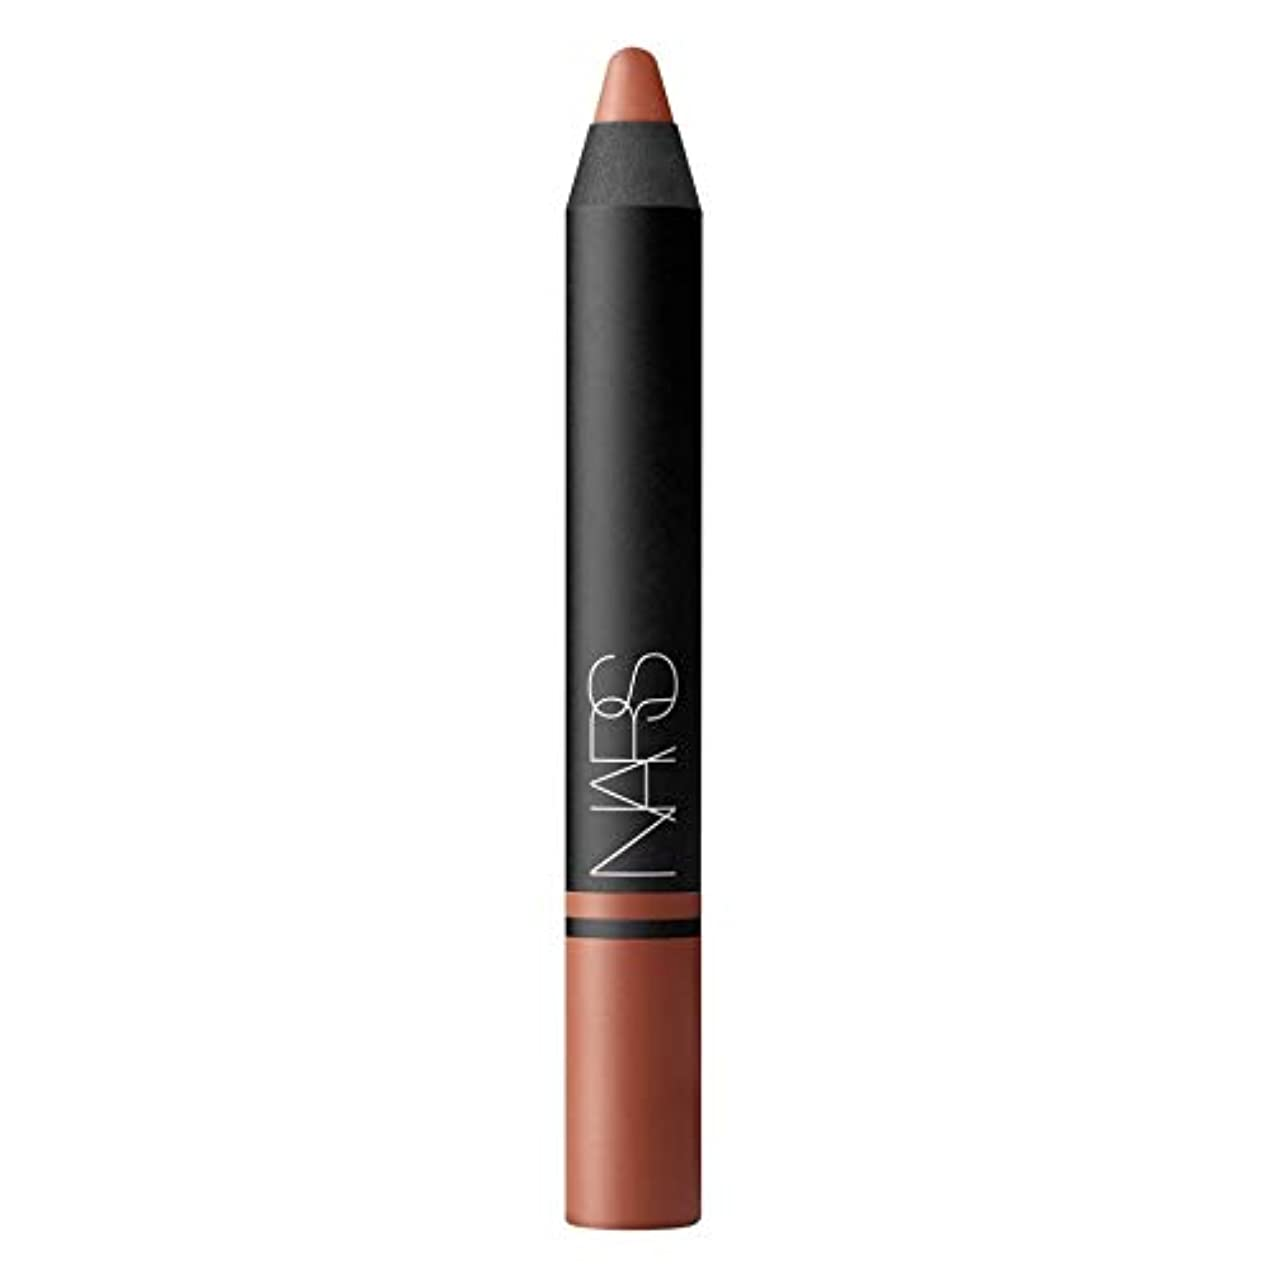 摩擦類推インスタンス[NARS] HetのトイレでのリップペンシルサテンのNar - Nars Satin Lip Pencil in Het Loo [並行輸入品]